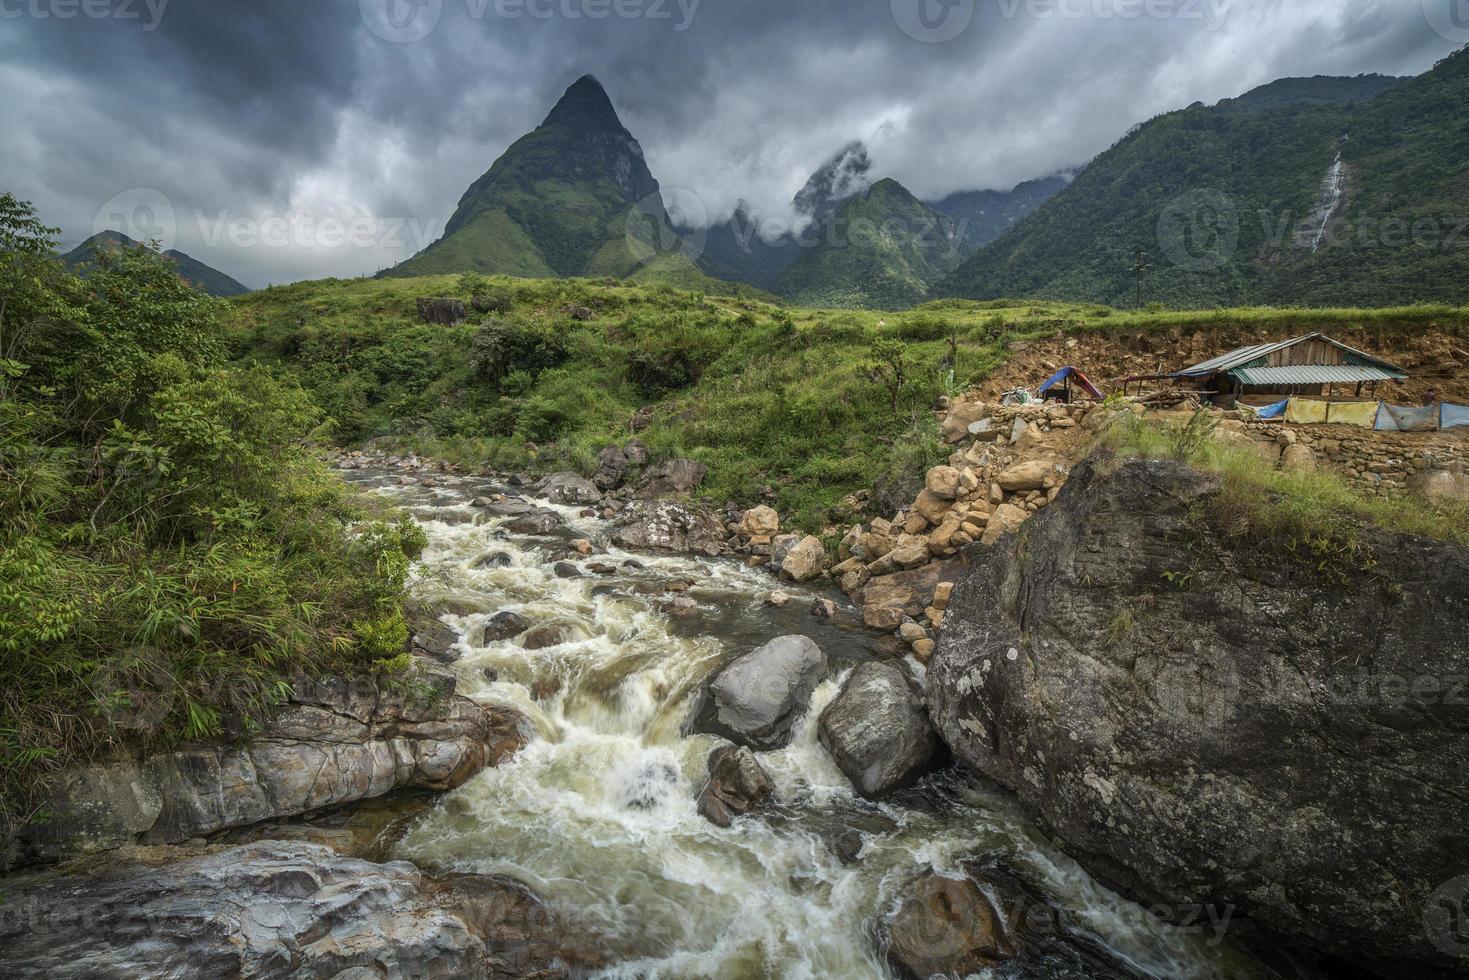 fattoria del riso in vietnam foto